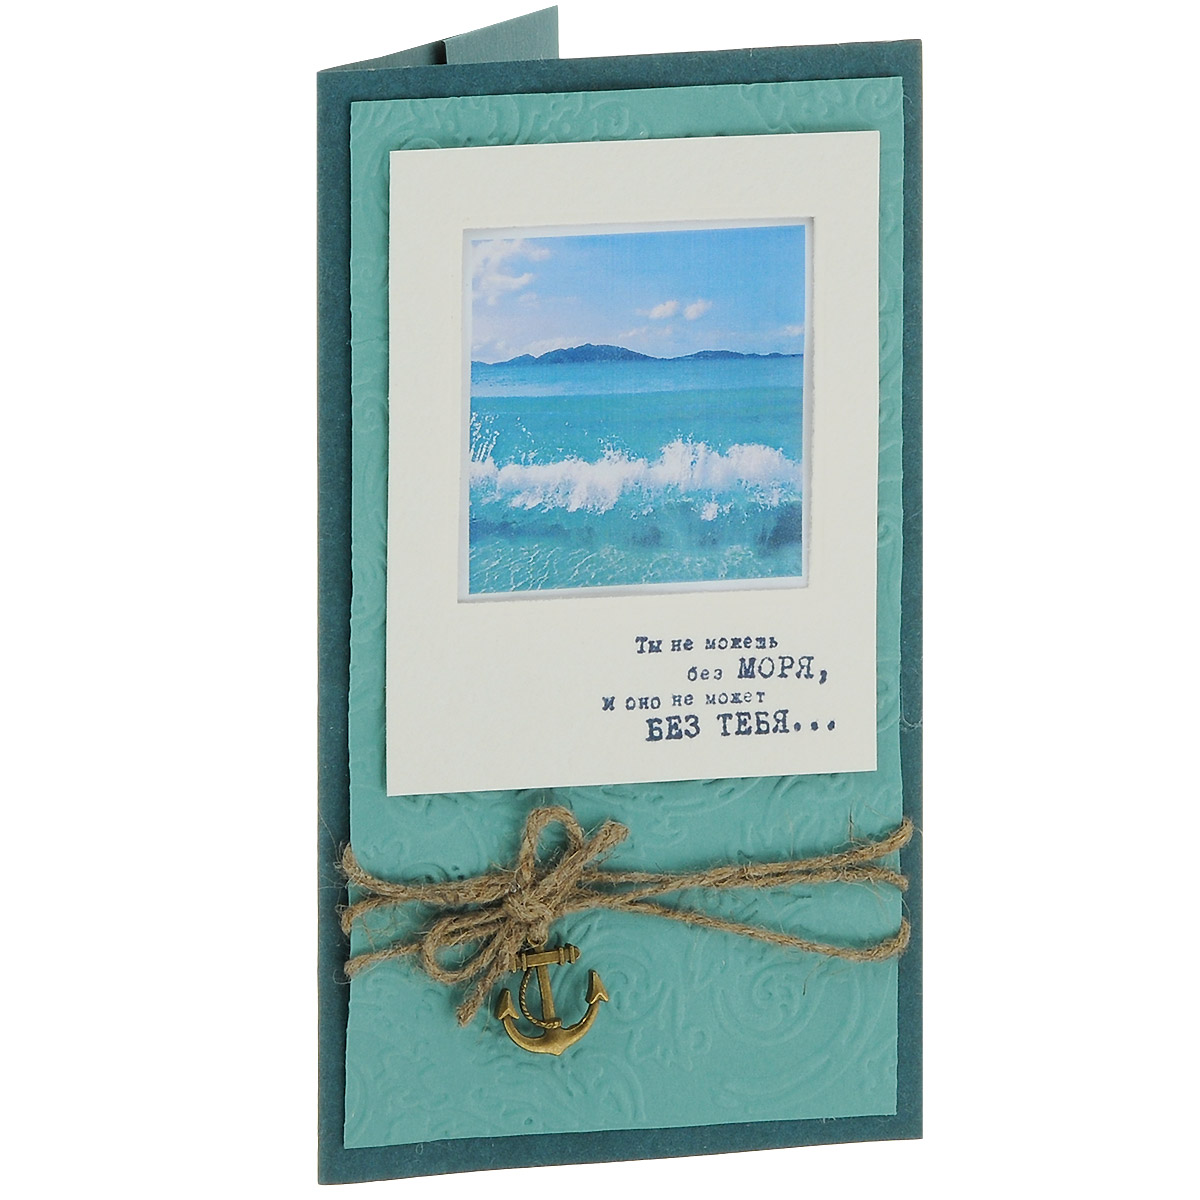 ОМ-0006 Открытка-конверт «Ты не можешь без моря, а море не может без тебя». Студия «Тётя Роза»94970Характеристики: Размер 19 см x 11 см.Материал: Высоко-художественный картон, бумага, декор. Данная открытка может стать как прекрасным дополнением к вашему подарку, так и самостоятельным подарком. Так как открытка является и конвертом, в который вы можете вложить ваш денежный подарок или просто написать ваши пожелания на вкладыше. Открытка-картина, сочетает в себе одновременно и функции подарка. Дизайн продуман очень универсально: такая открытка может быть украшением любого знаменательного события. В дизайне использовано текстурное тиснение, многослойные разно-фактурные картоны, шнур и металлическая подвеска «штурвал». Также открытка упакована в пакетик для сохранности.Обращаем Ваше внимание на то, что открытка может незначительно отличаться от представленной на фото.Открытки ручной работы от студии Тётя Роза отличаются своим неповторимым и ярким стилем. Каждая уникальна и выполнена вручную мастерами студии. (Открытка для мужчин, открытка для женщины, открытка на день рождения, открытка с днем свадьбы, открытка винтаж, открытка с юбилеем, открытка на все случаи, скрапбукинг)